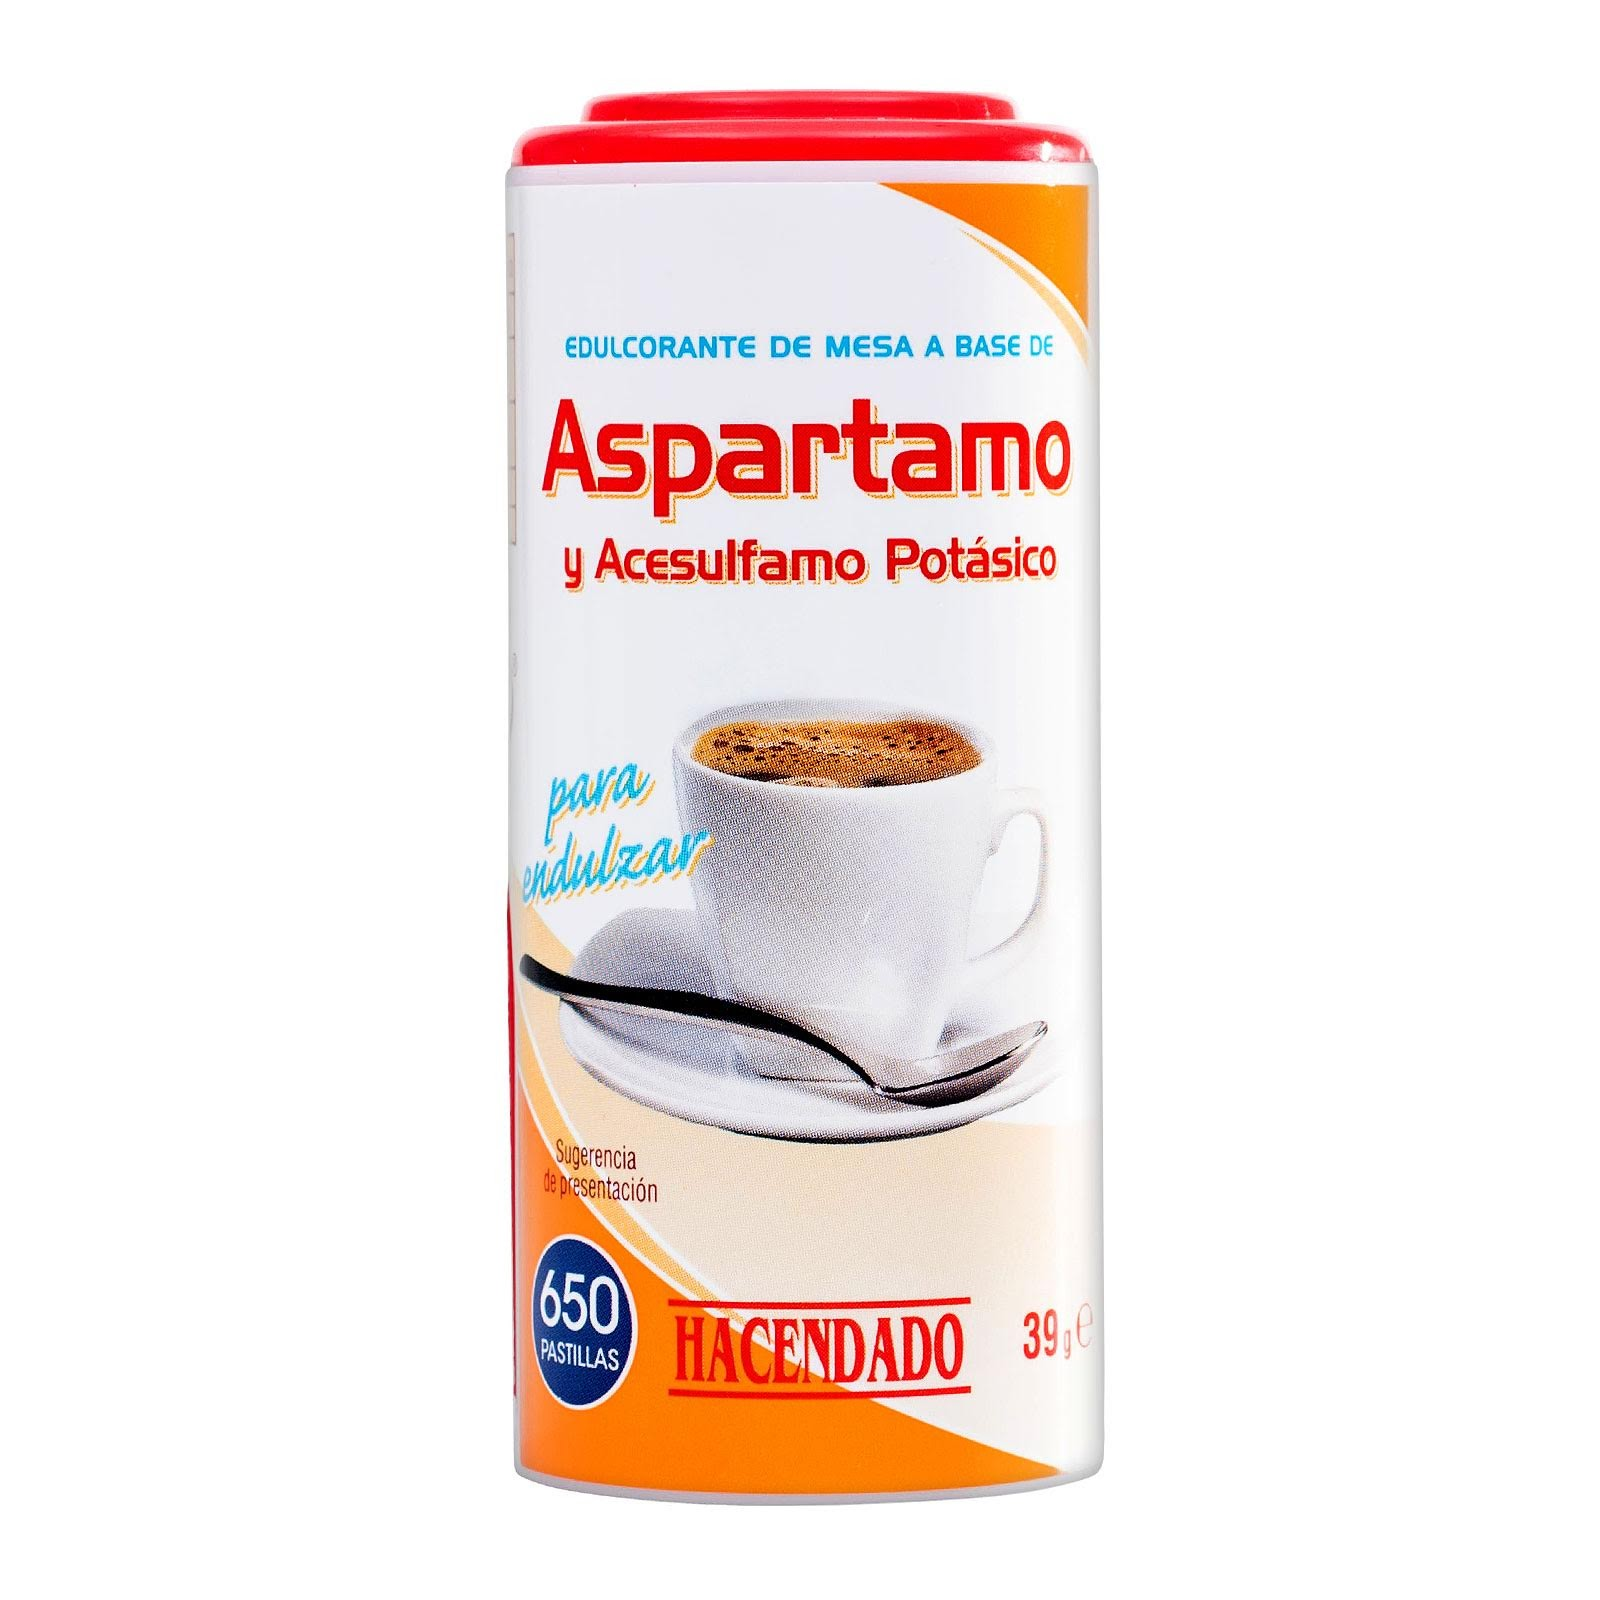 Edulcorante de aspartamo y acesulfamo potásico en pastillas Hacendado